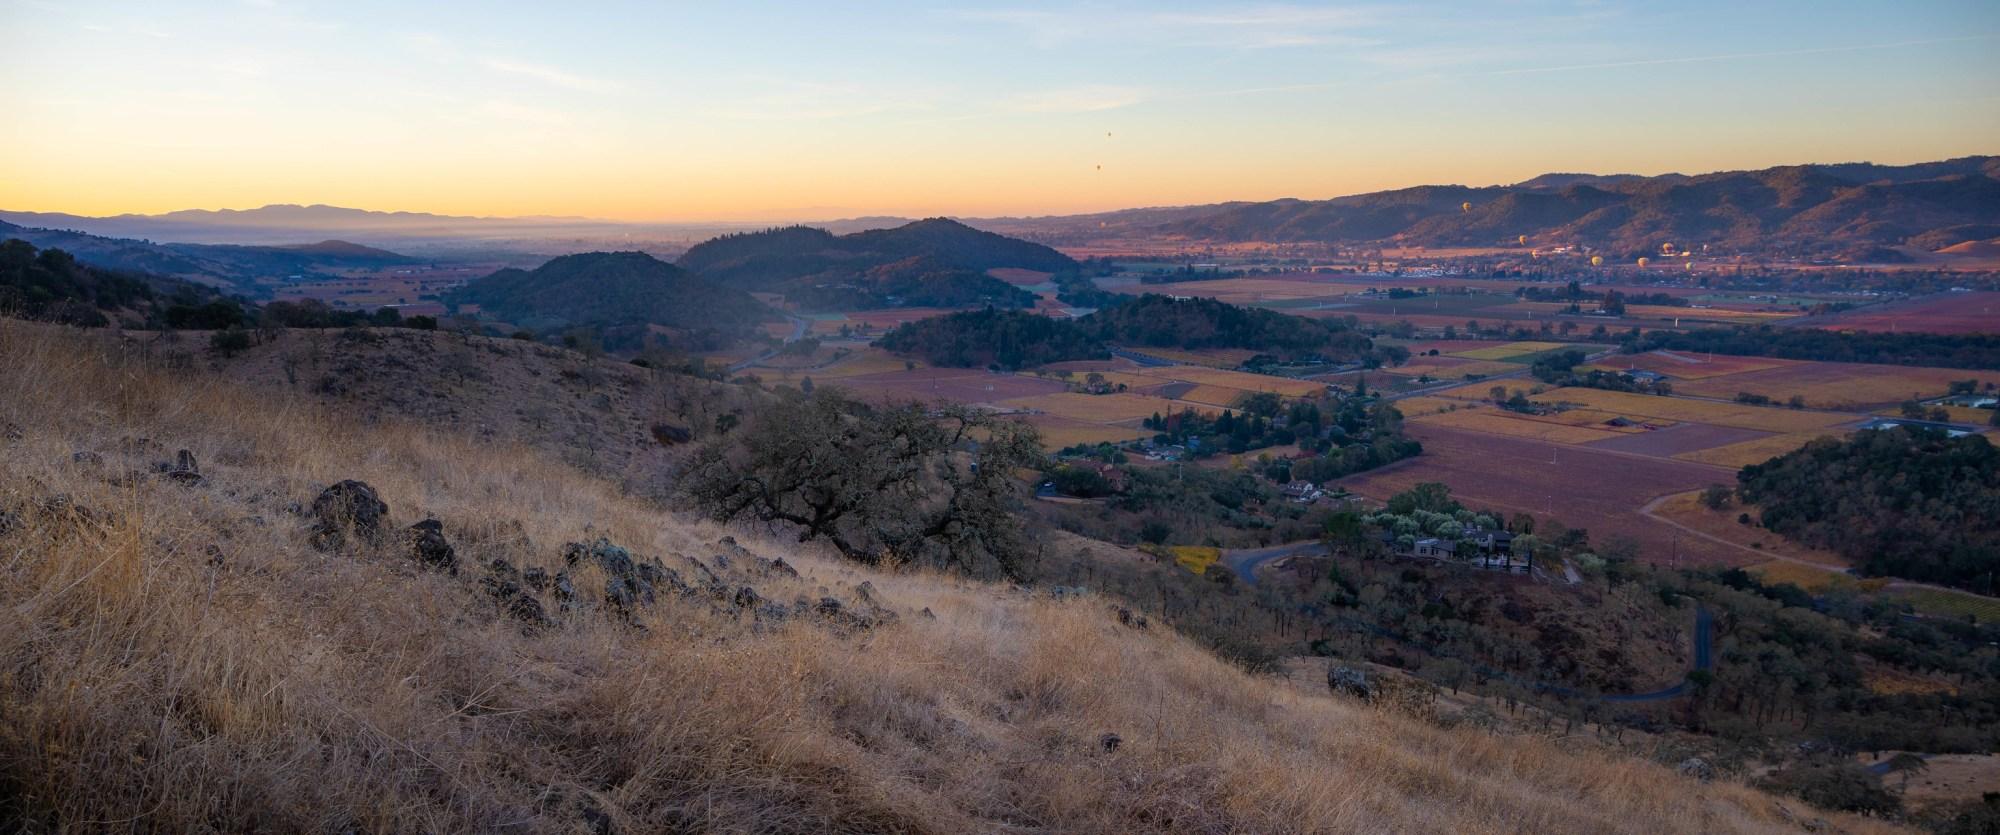 11.17. Napa Valley